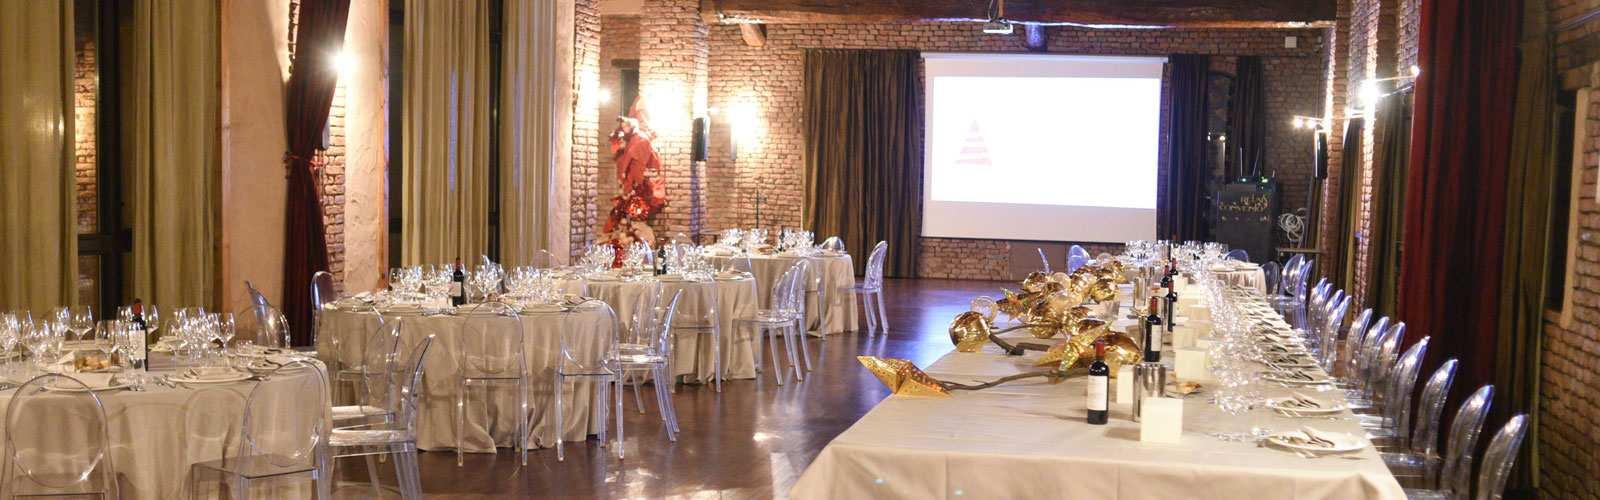 Natale al Relais Convento: l'atmosfera raffinata per una cena aziendale indimenticabile